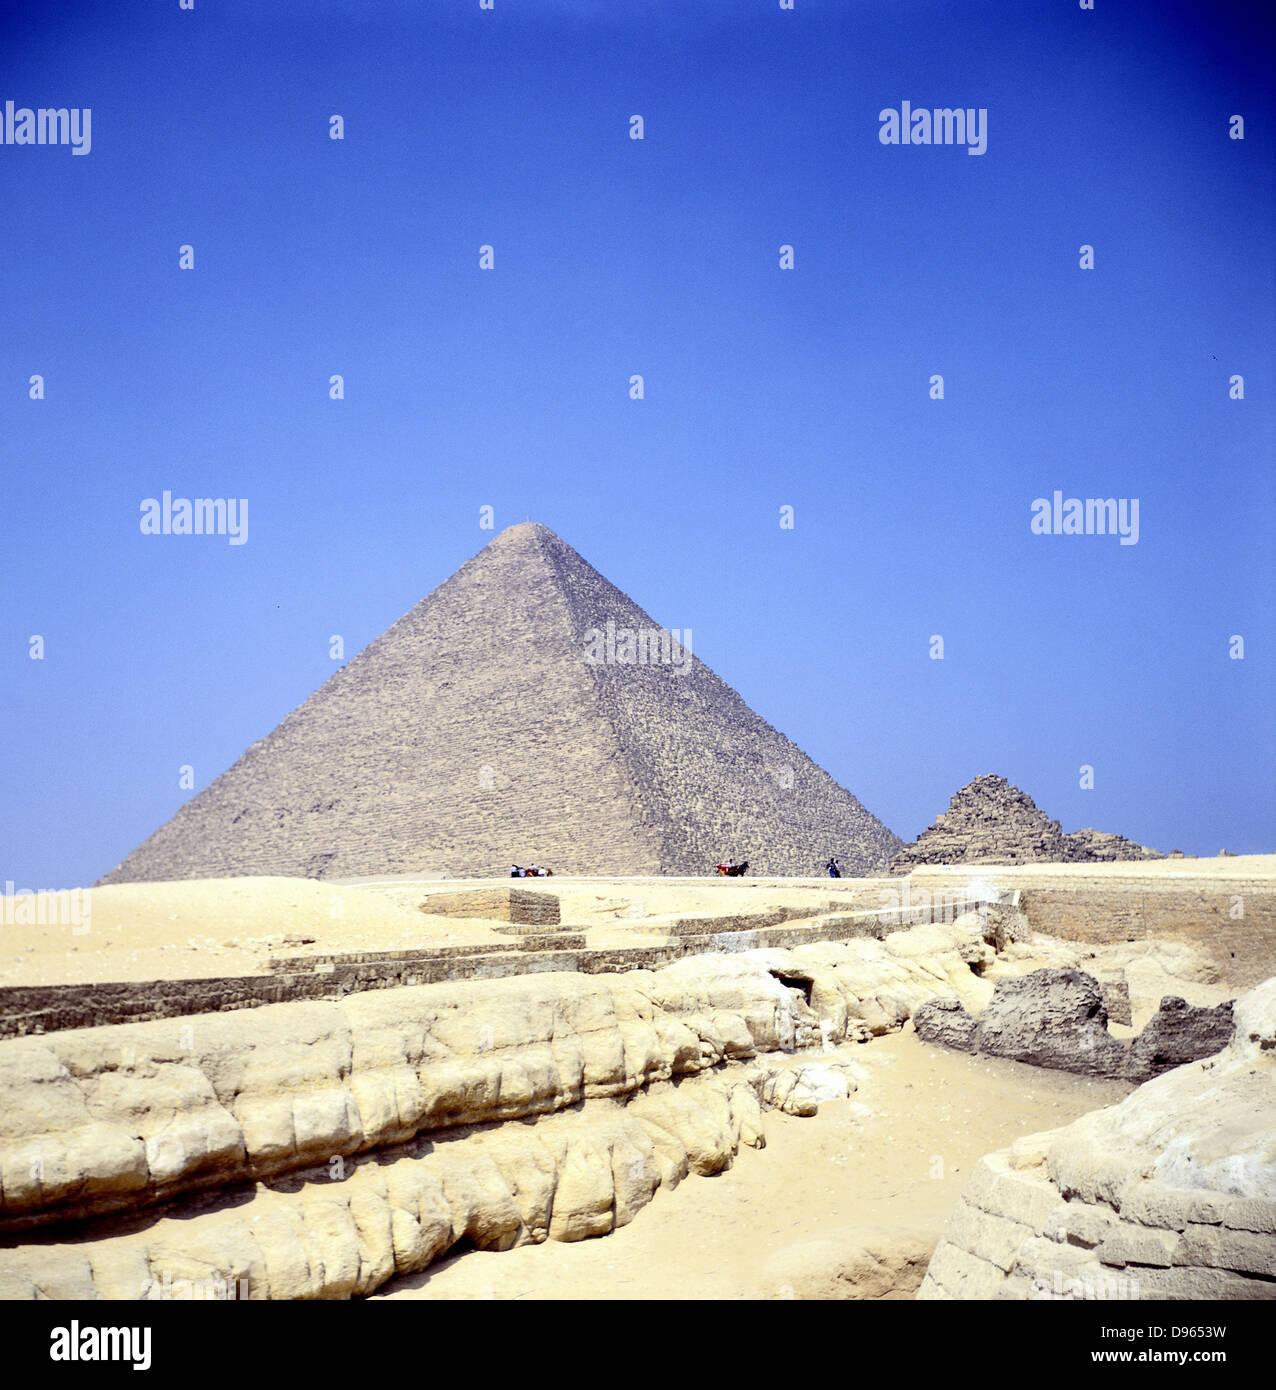 Pirámide de Giza. Pirámides de una de las Siete Maravillas del Mundo Foto de stock